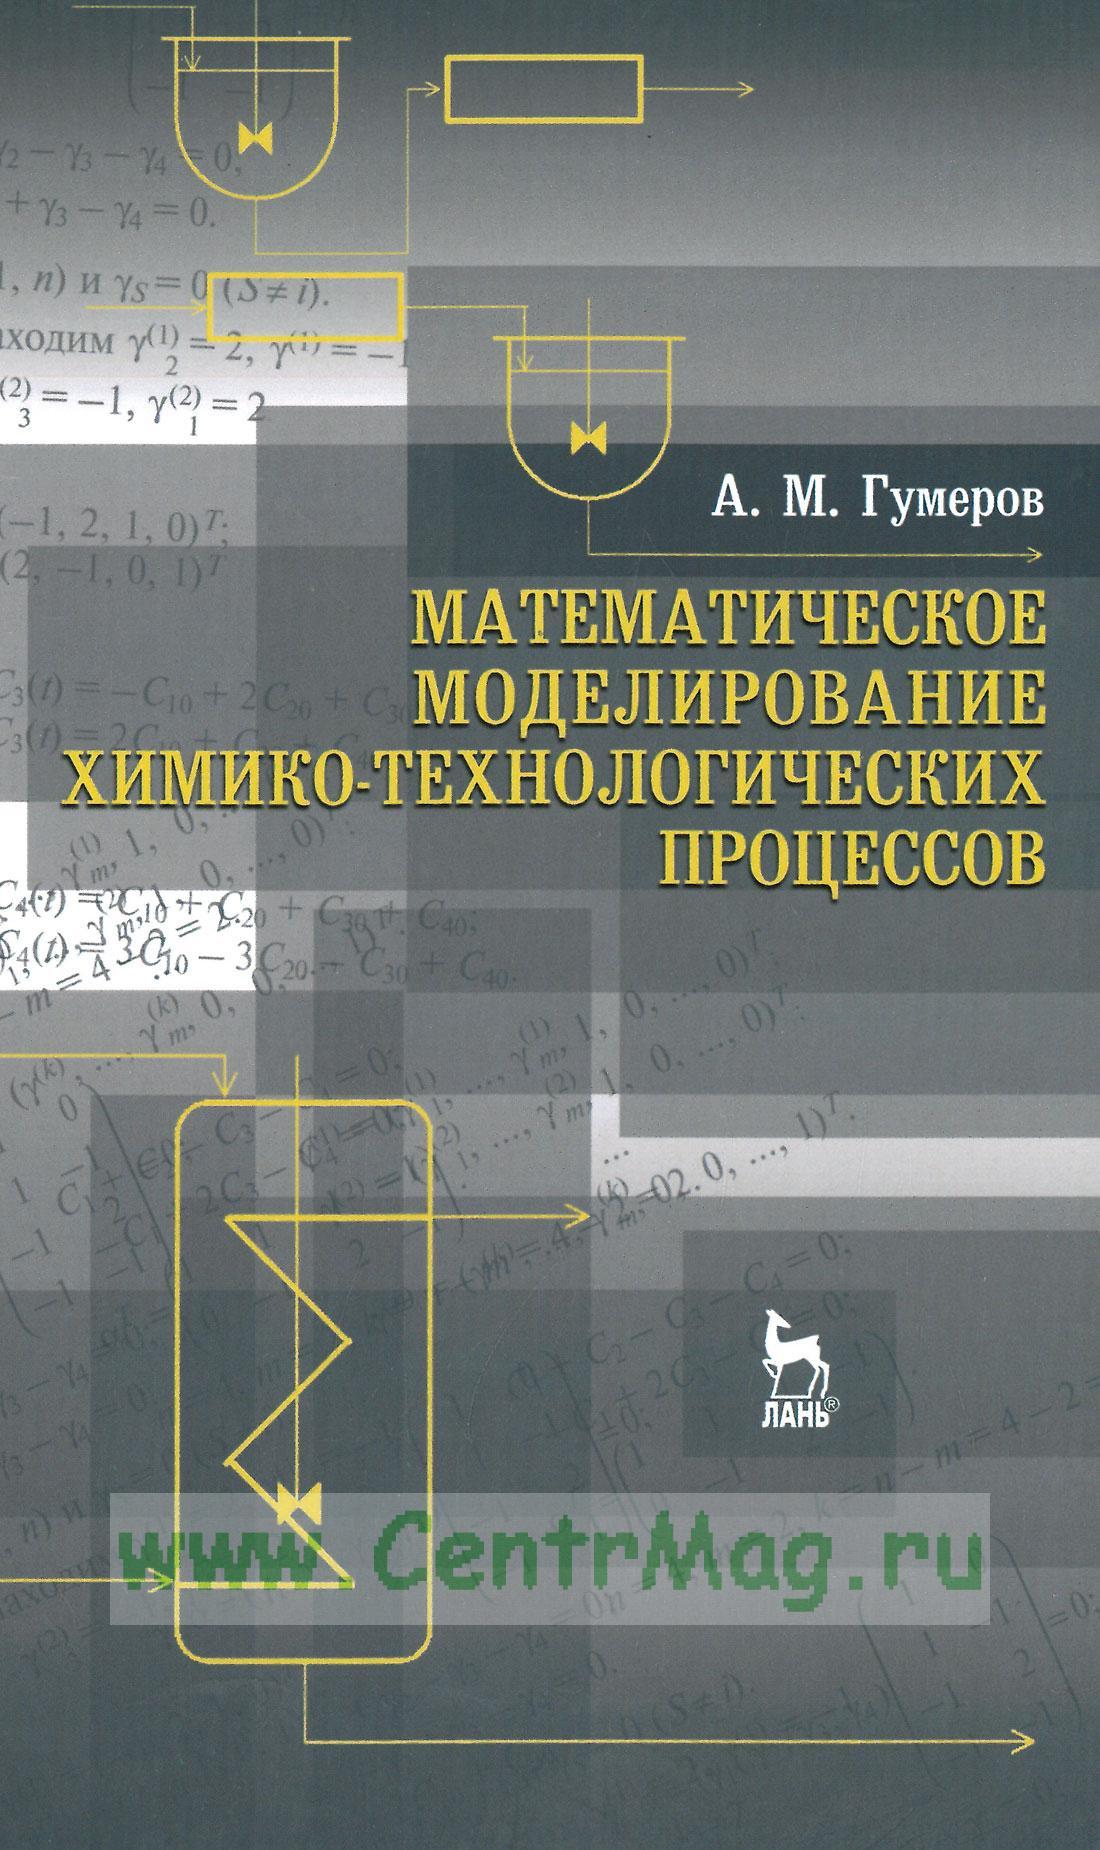 Математическое моделирование химико-технологических процессов: Учебное пособие (2-е изд.)